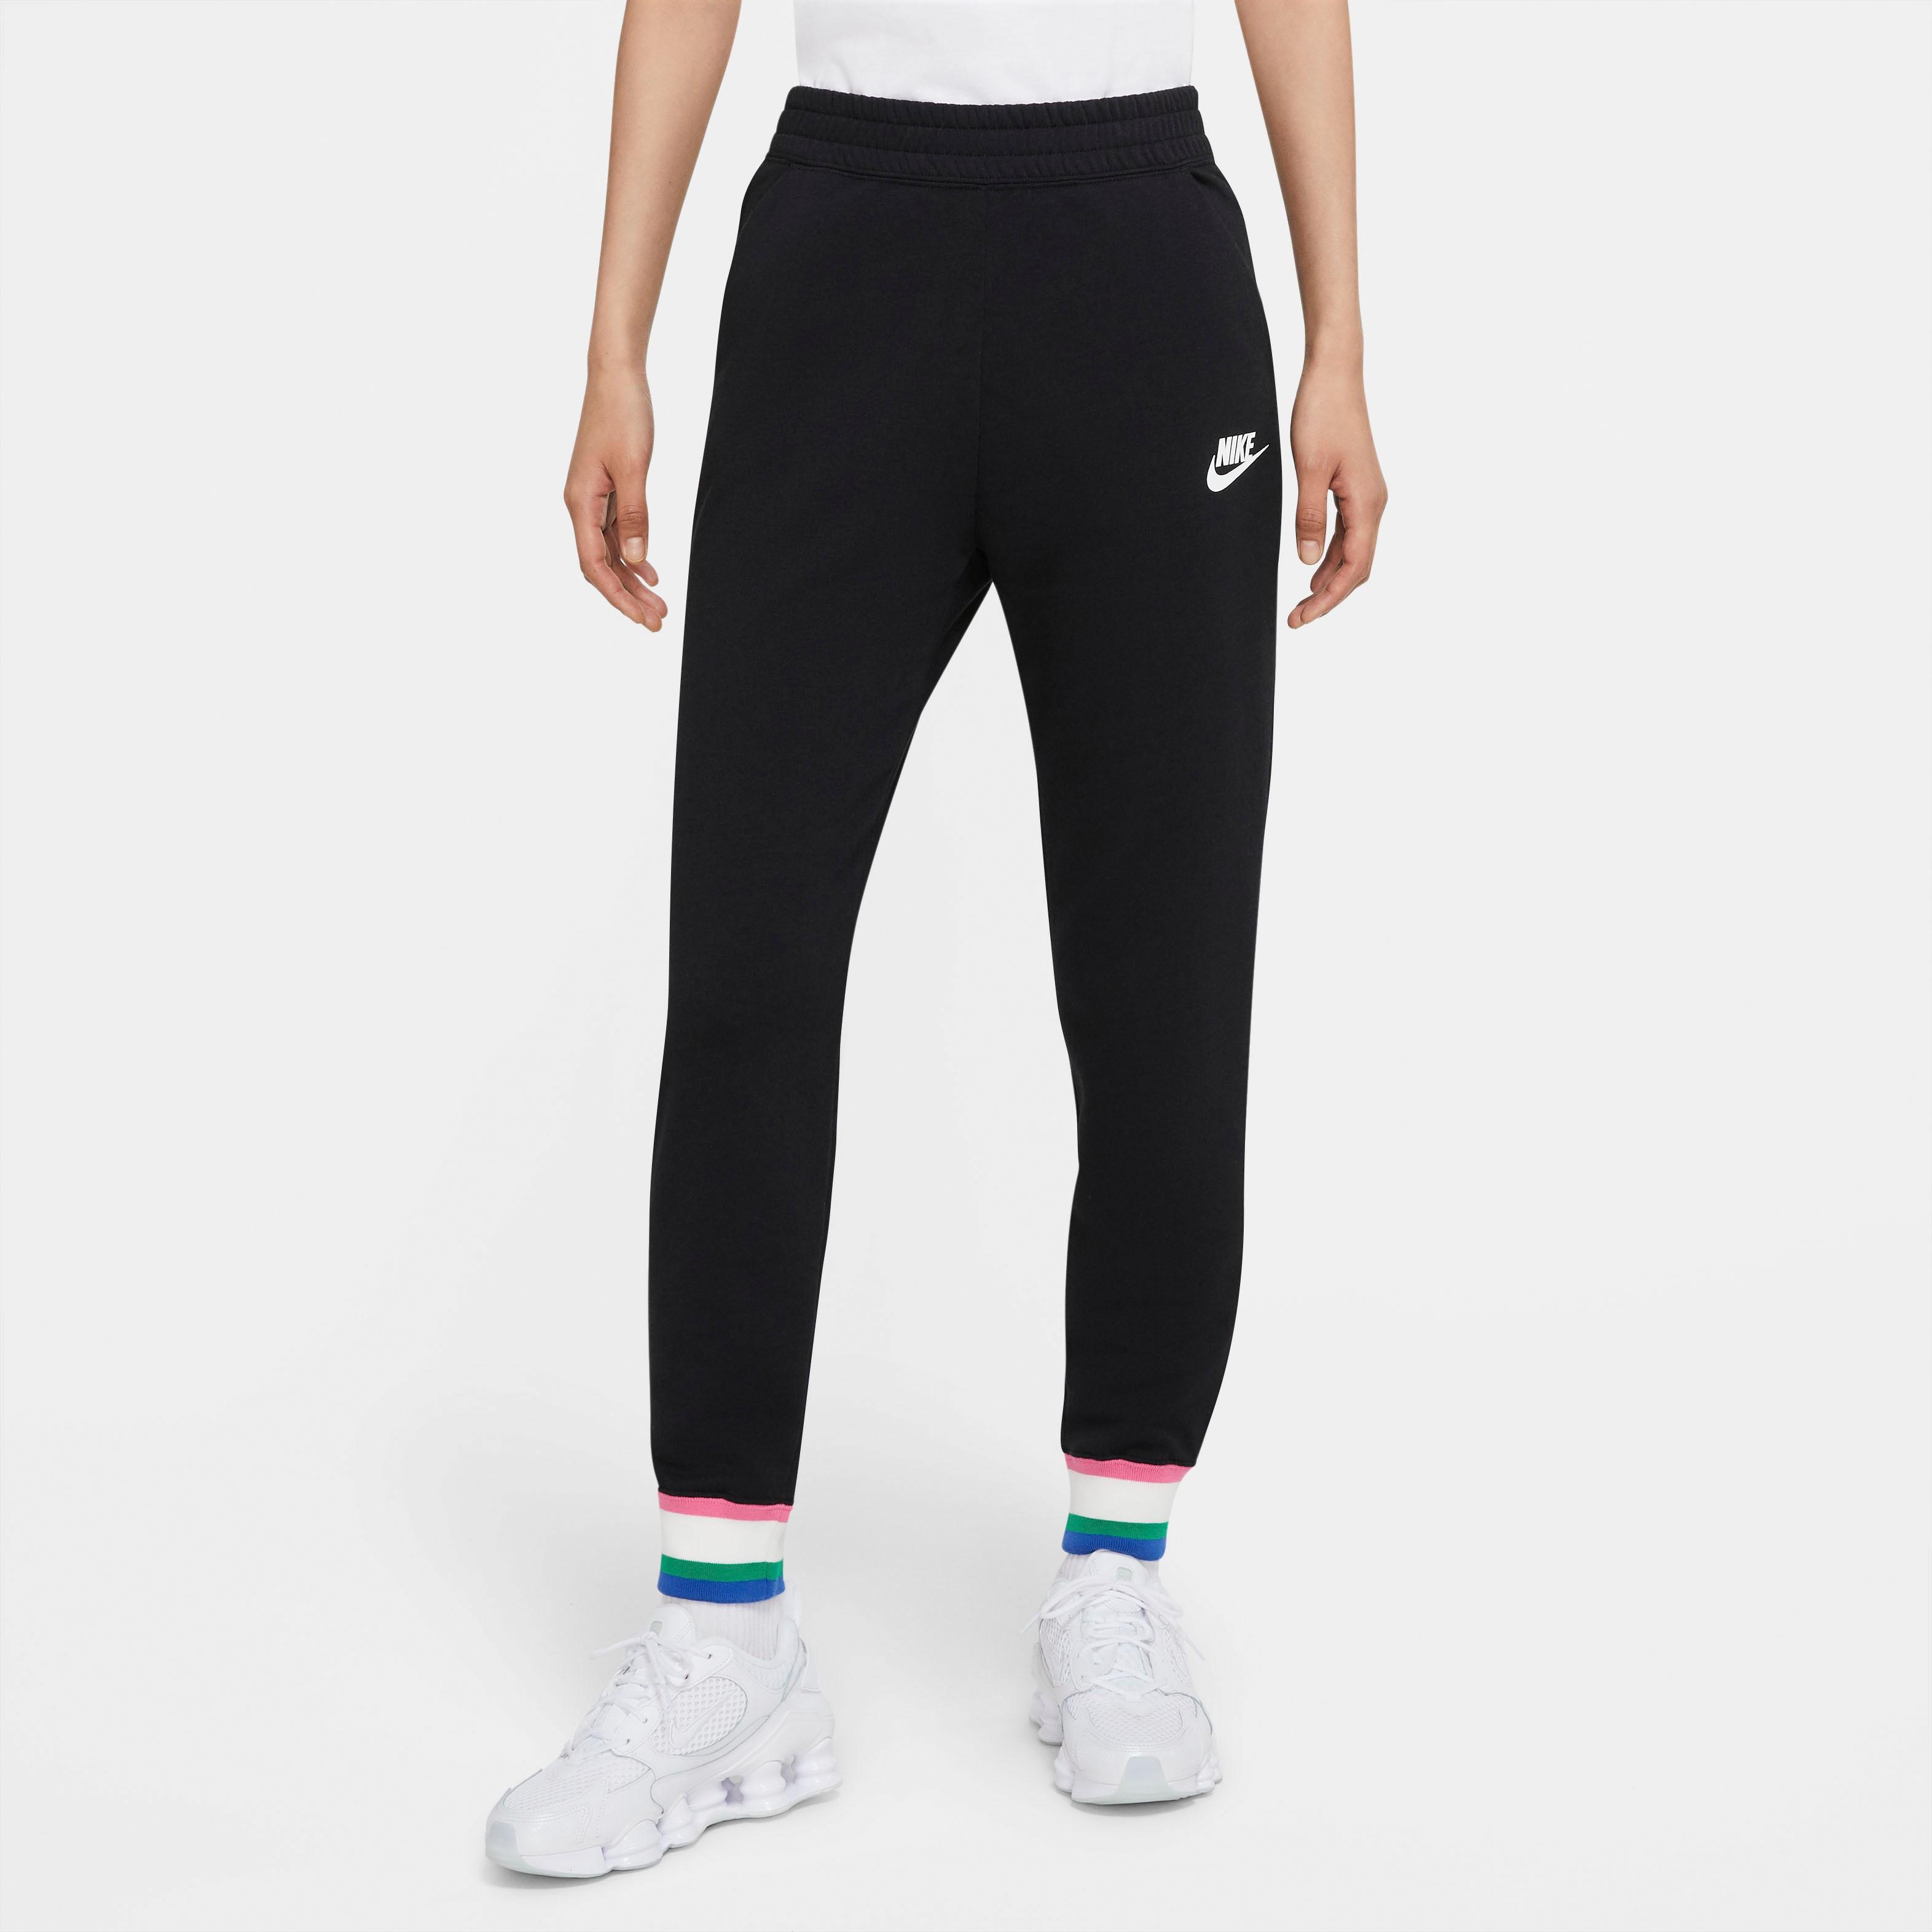 nike sportswear -  Jogginghose NSW Heritage Pant Fleece Women's Joggers